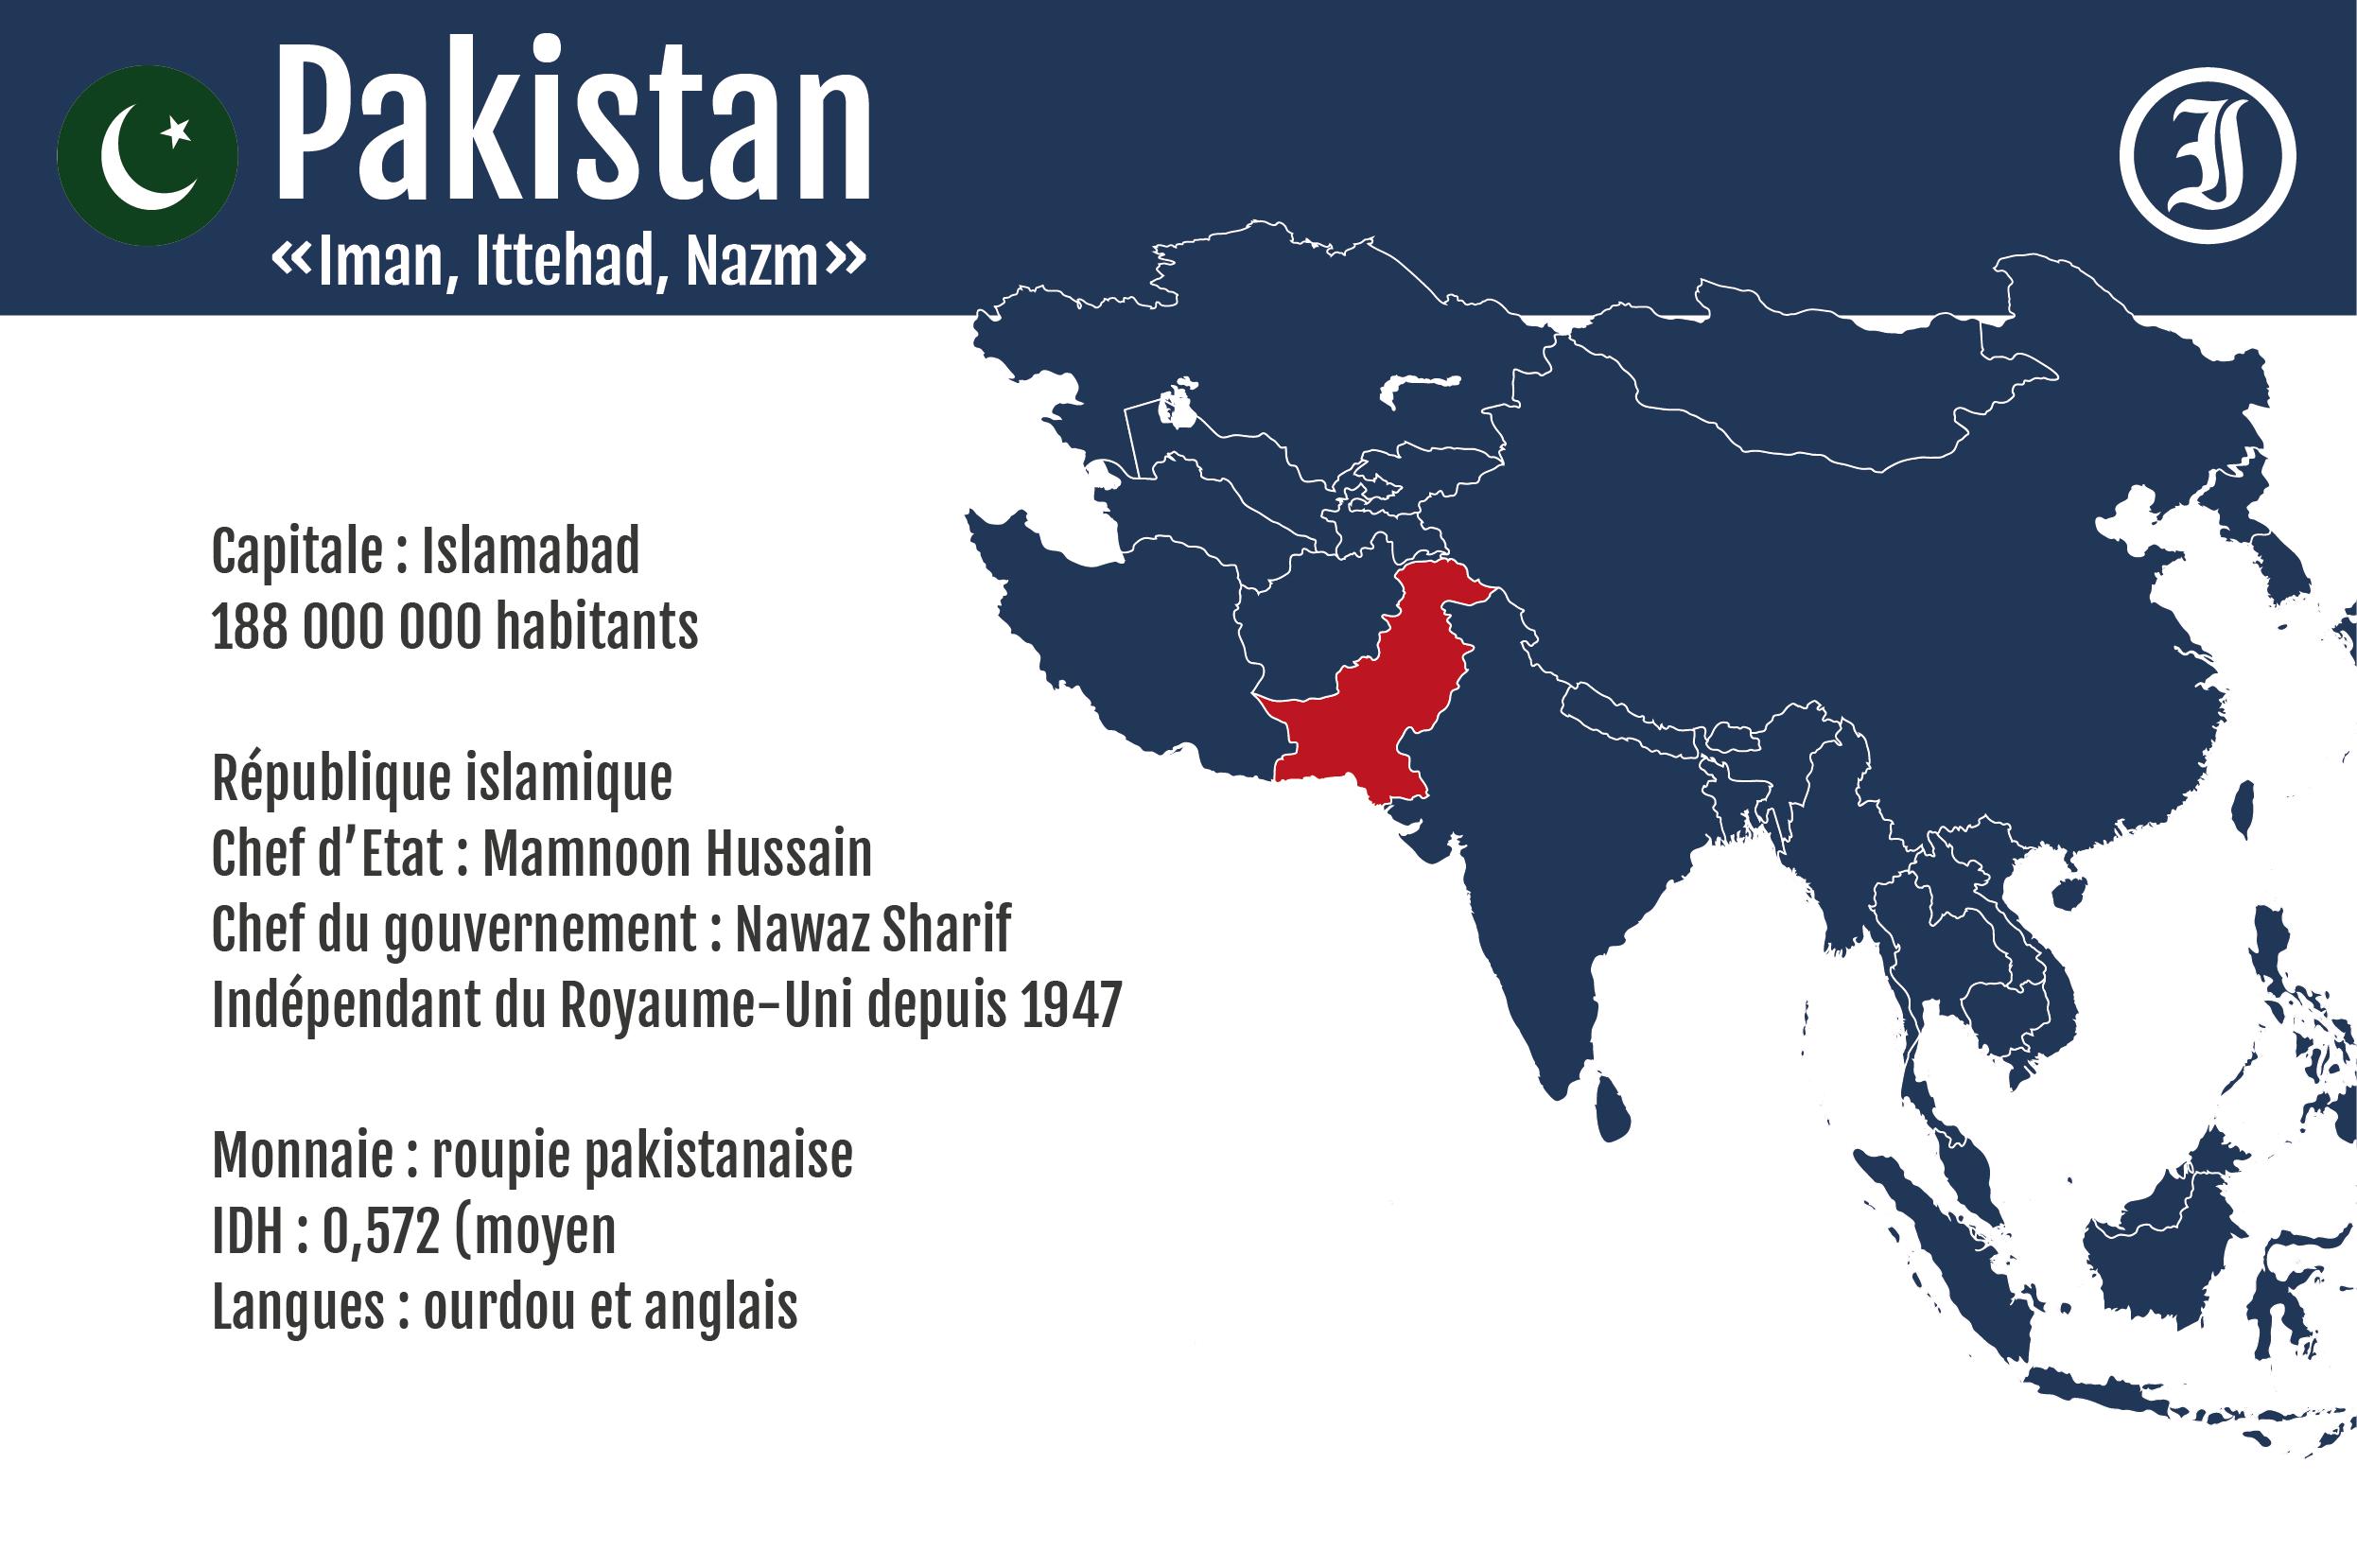 Pakistan, trêve d'un mois sur les exécutions